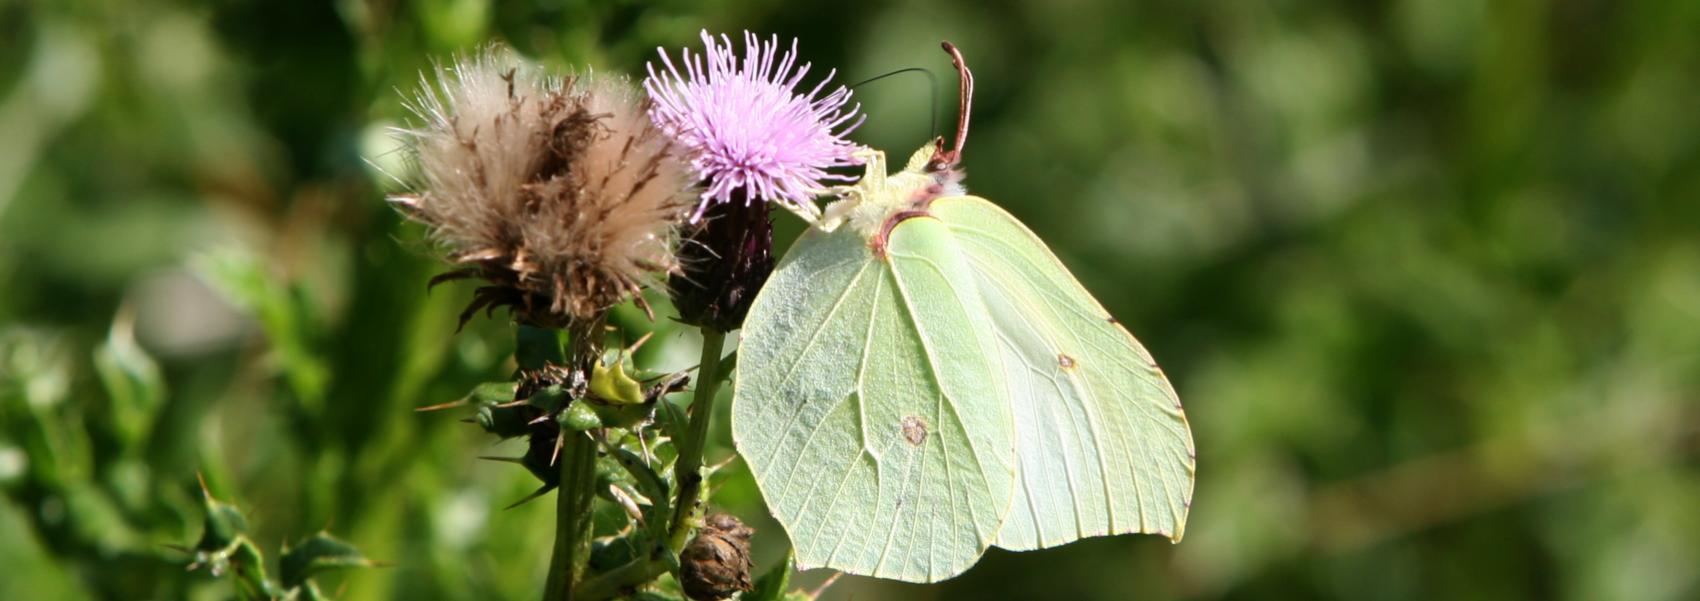 een vlinder op een bloem